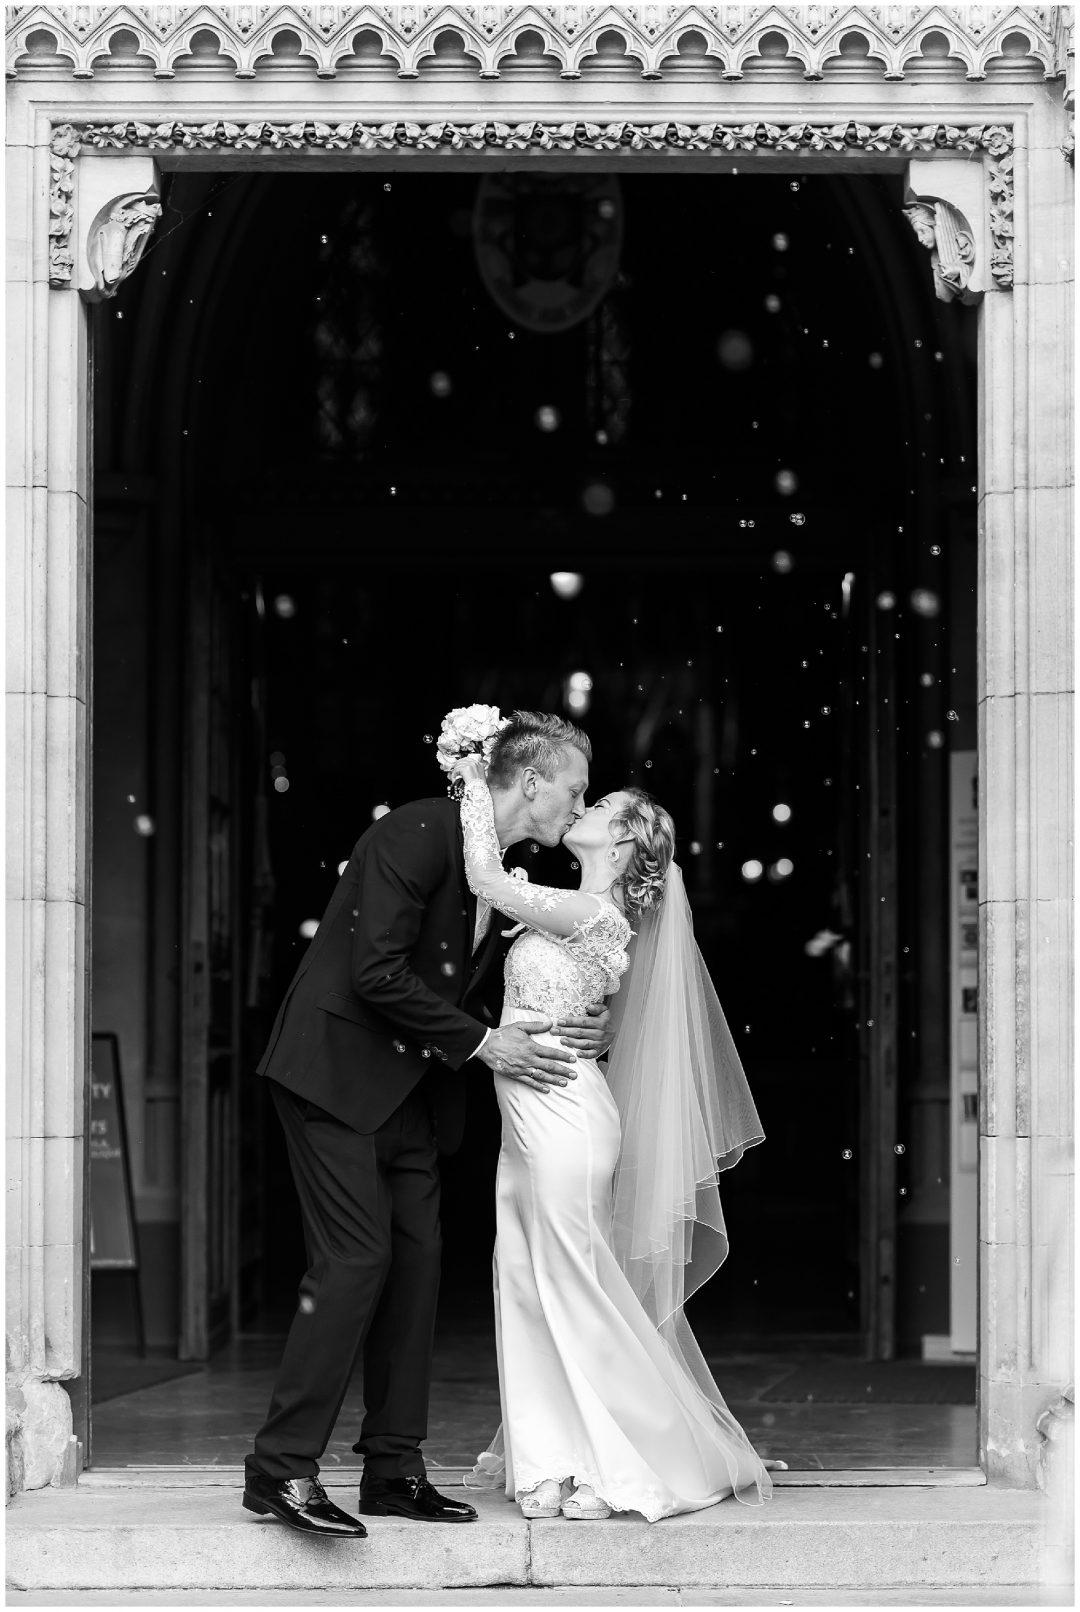 Destination Wedding in Prague | Pav and Steffen - weddings - Destination wedding Prague wedding Nkima Photography 0033